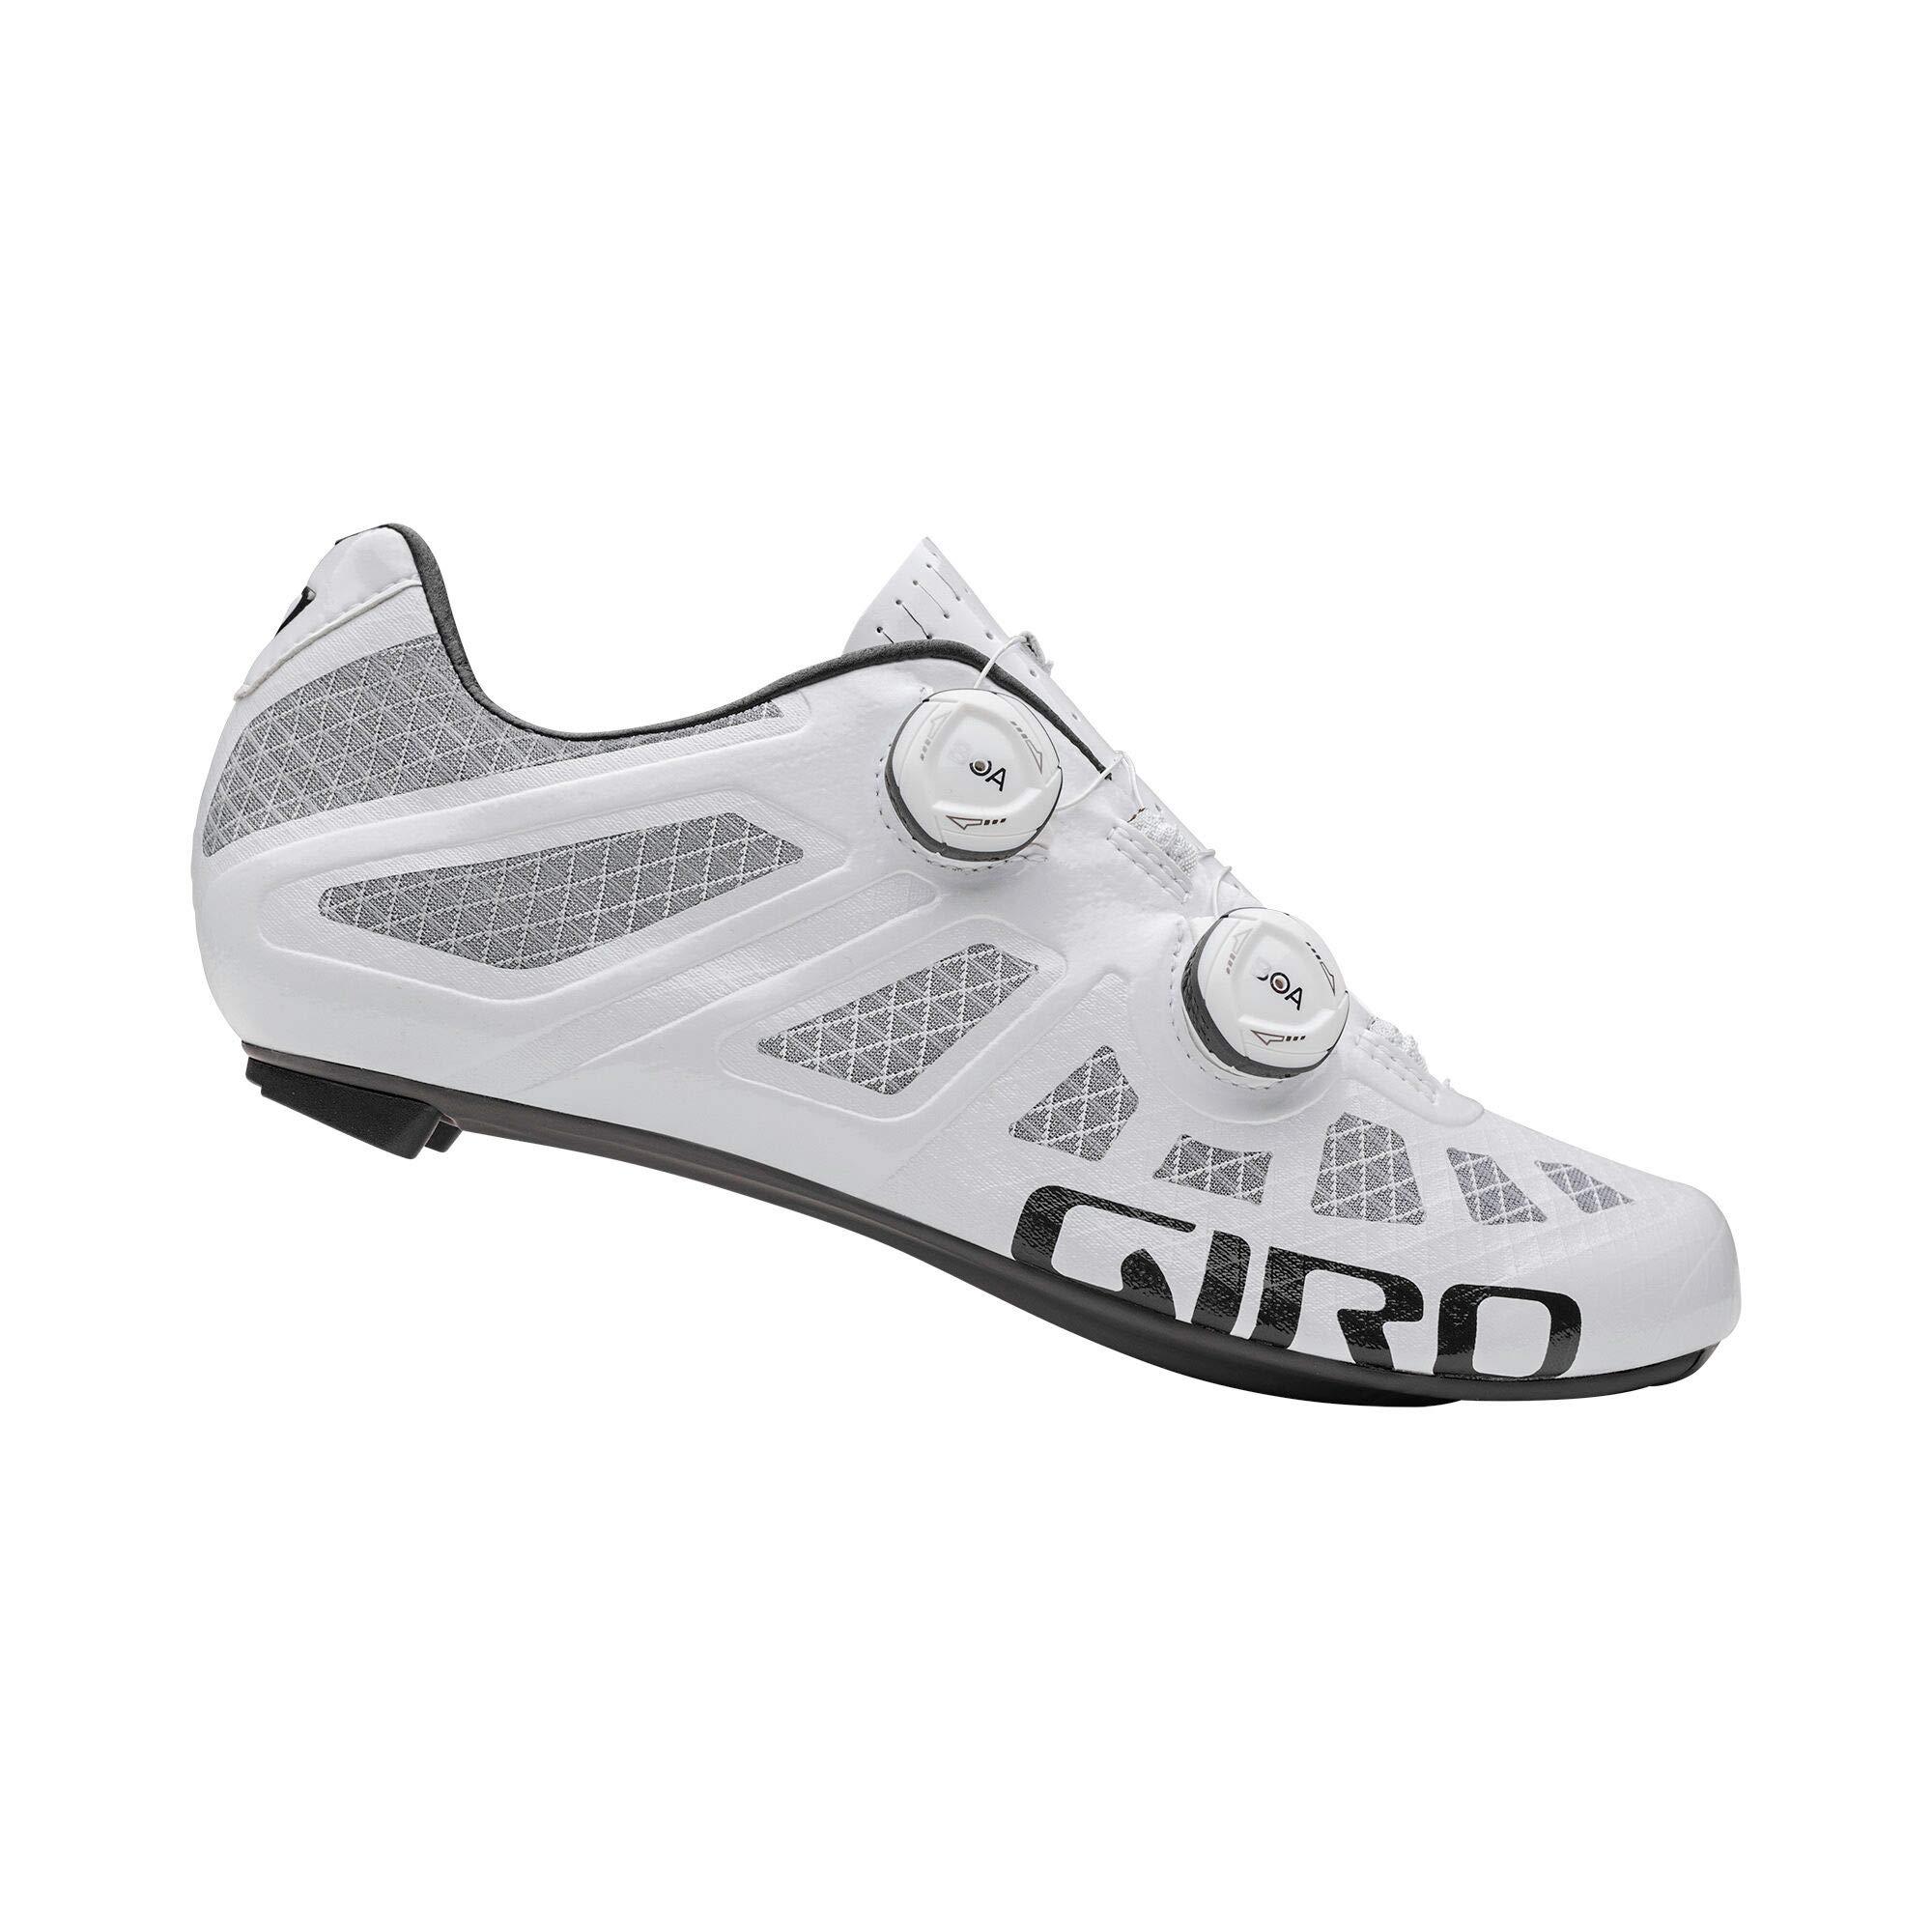 Giro Imperial Zapatillas de triatlón para Bicicleta de Carreras, Hombre, Blanco, 44.5: Amazon.es: Deportes y aire libre